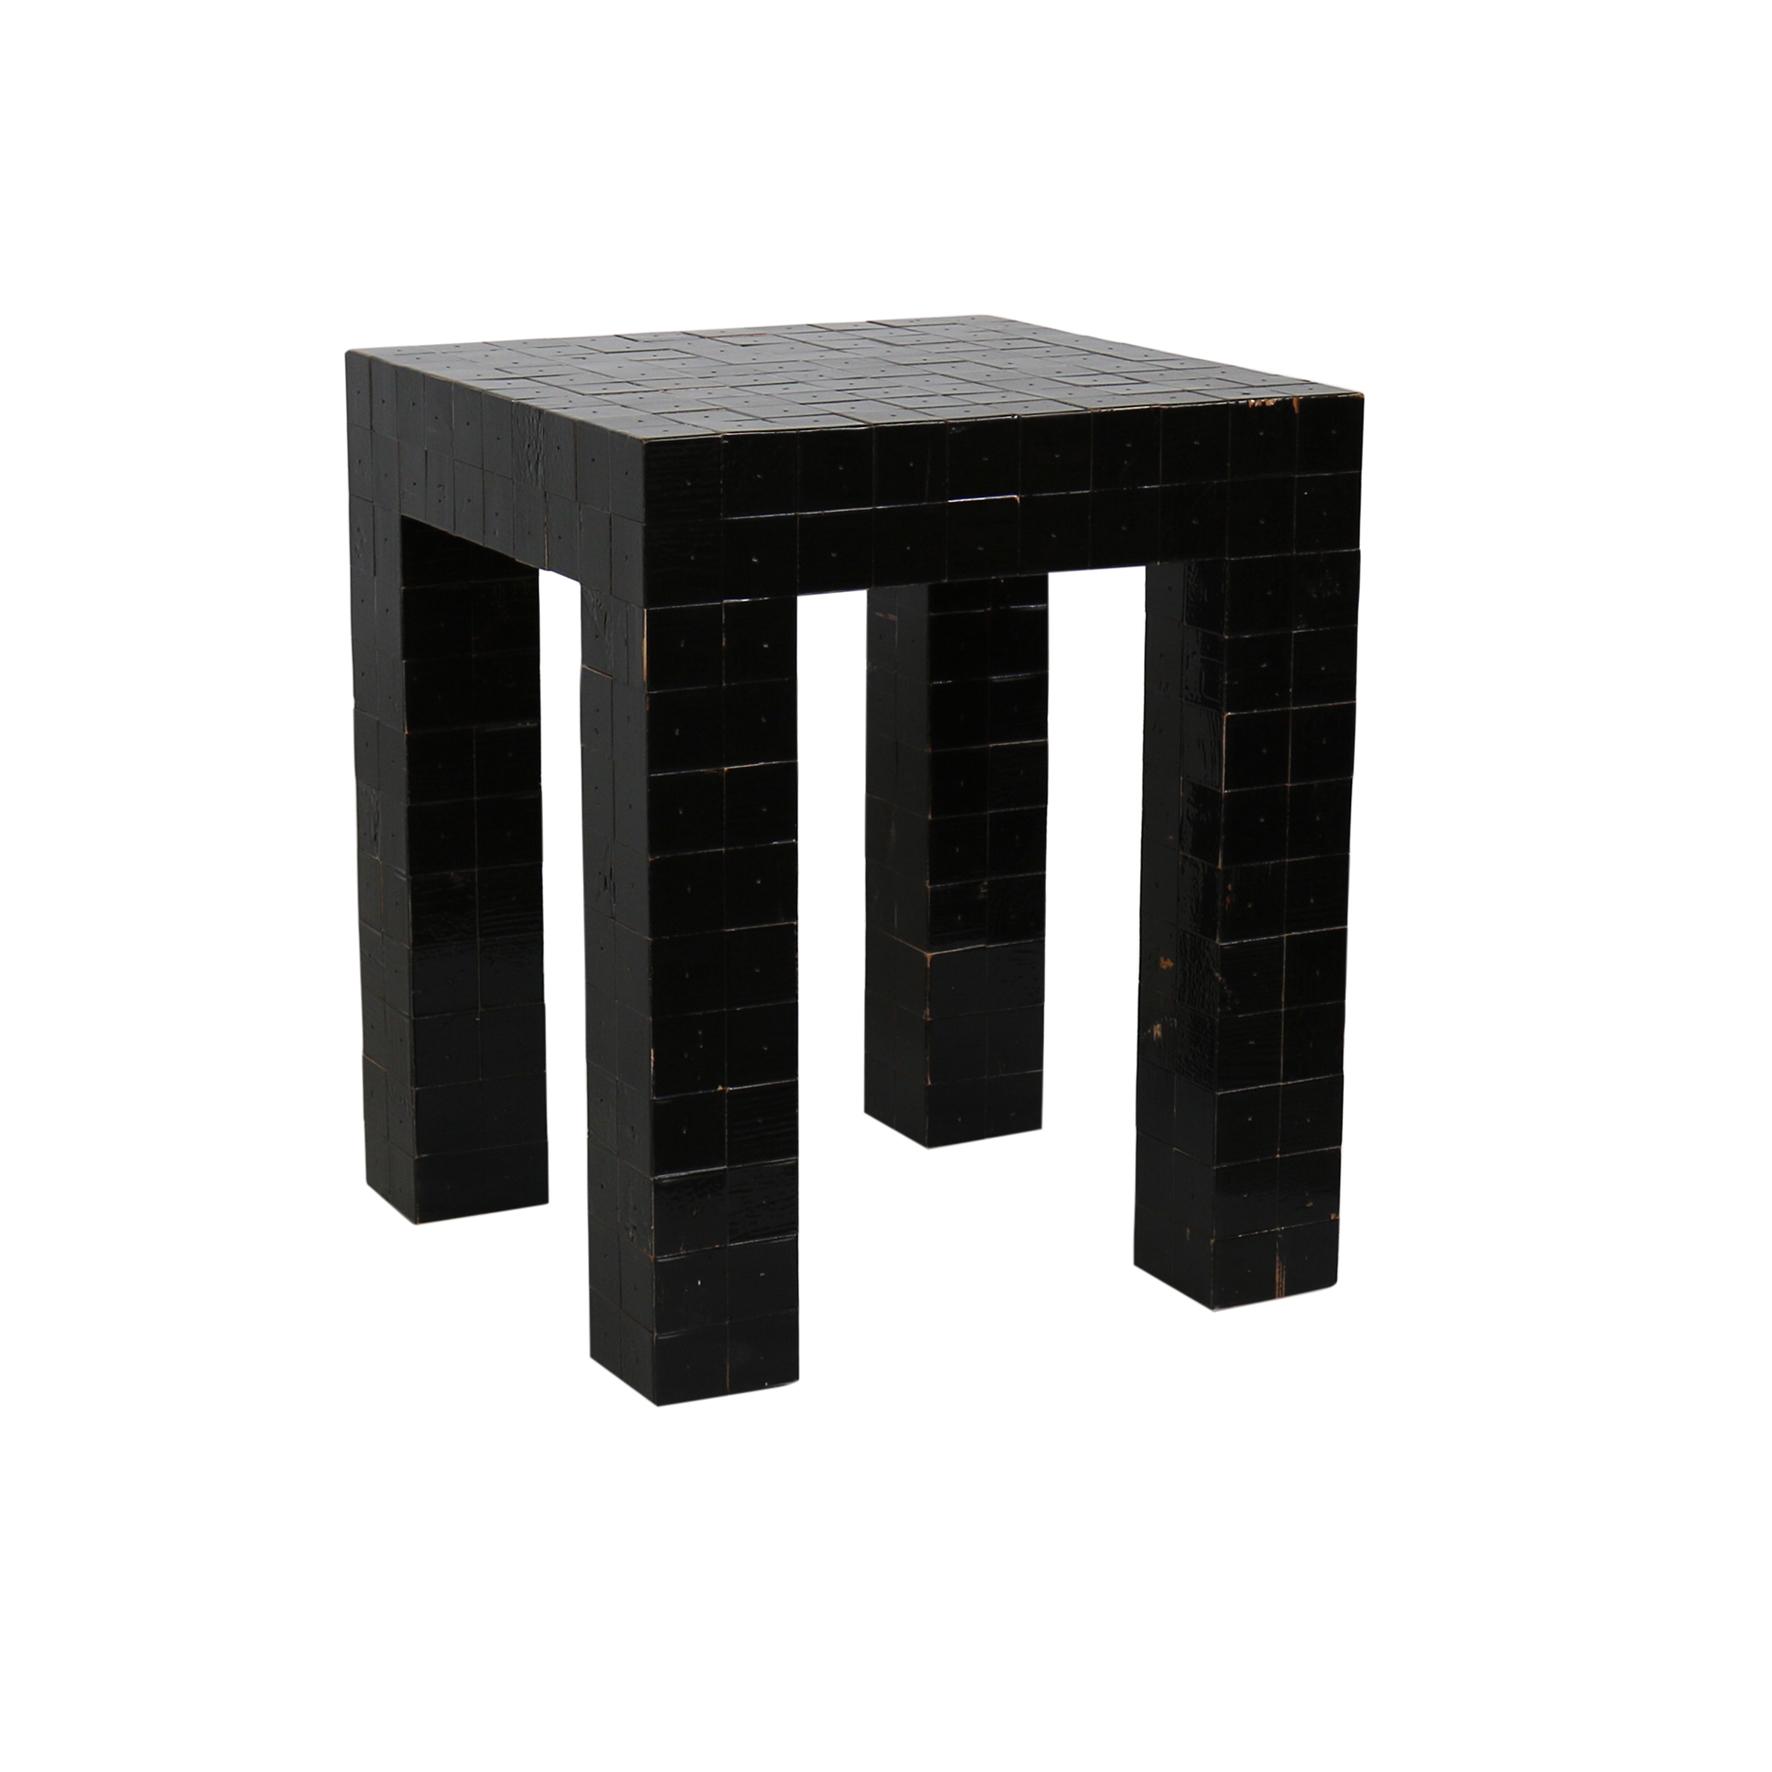 40 x 40 krukje zwart